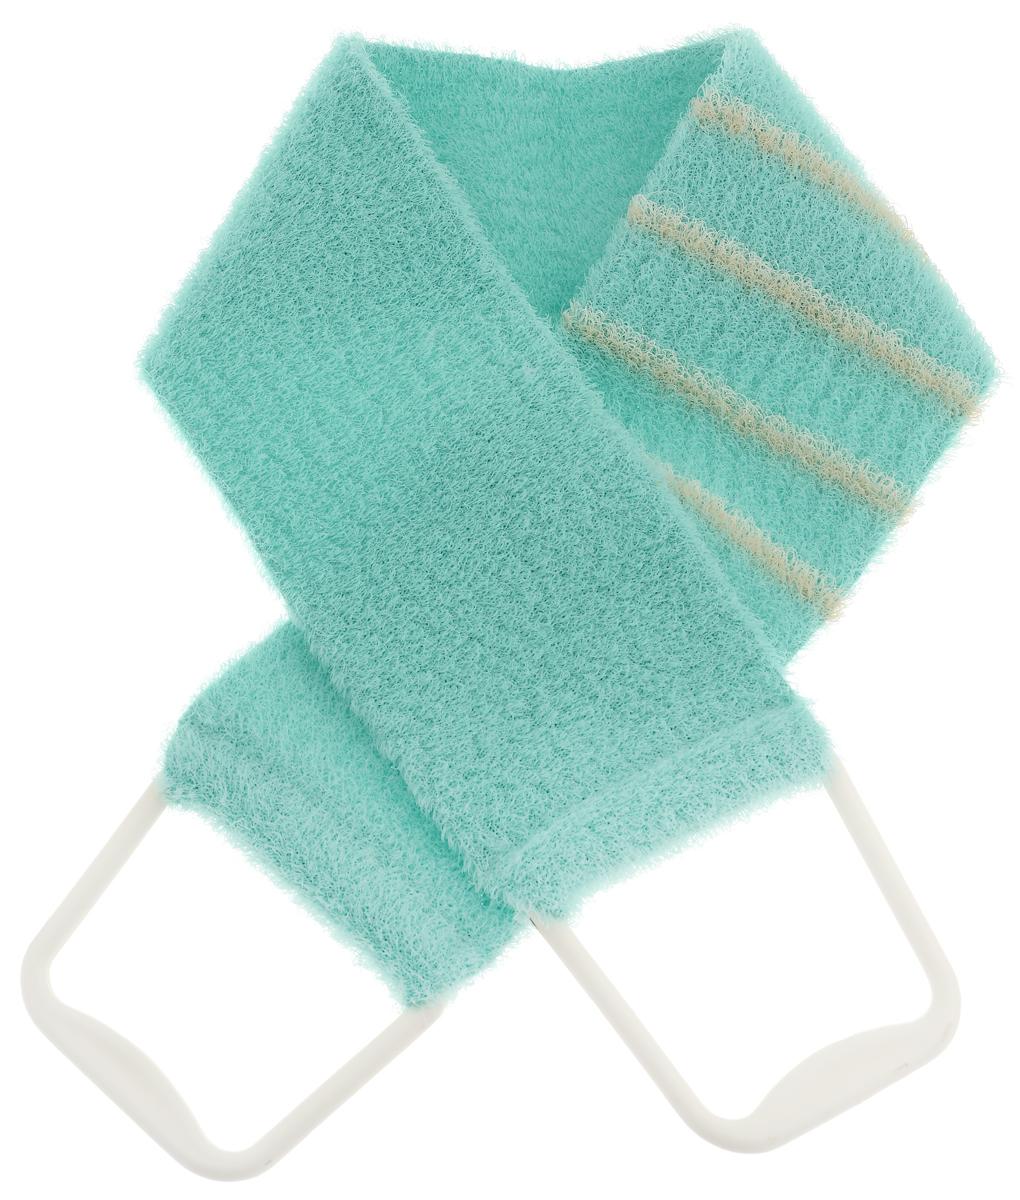 Riffi Мочалка-пояс, массажная, жесткая, цвет: салатовый. 824 riffi повязка для волос цвет коралловый